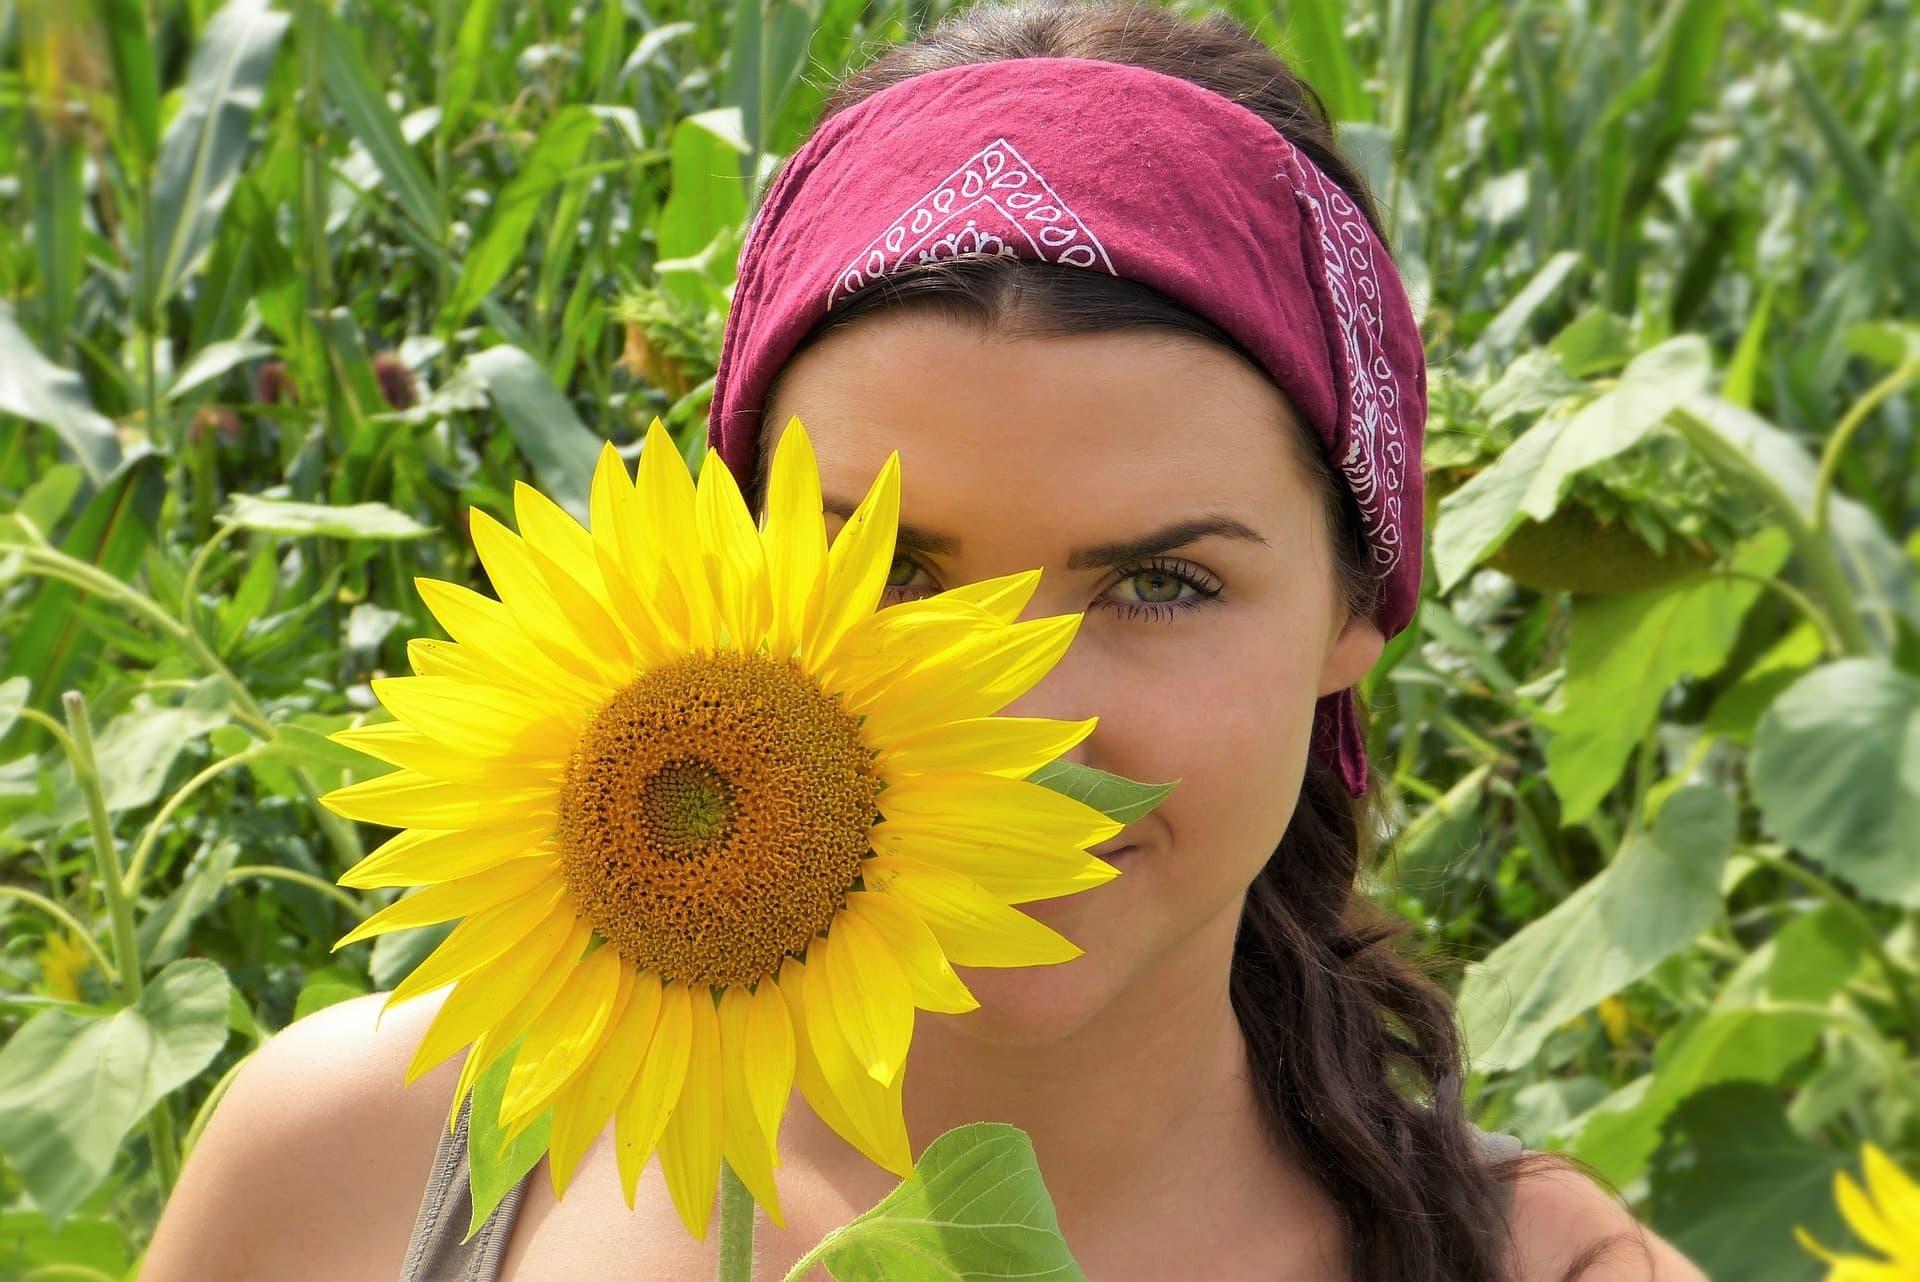 Sonnenblume Frau Auszeit Coaching